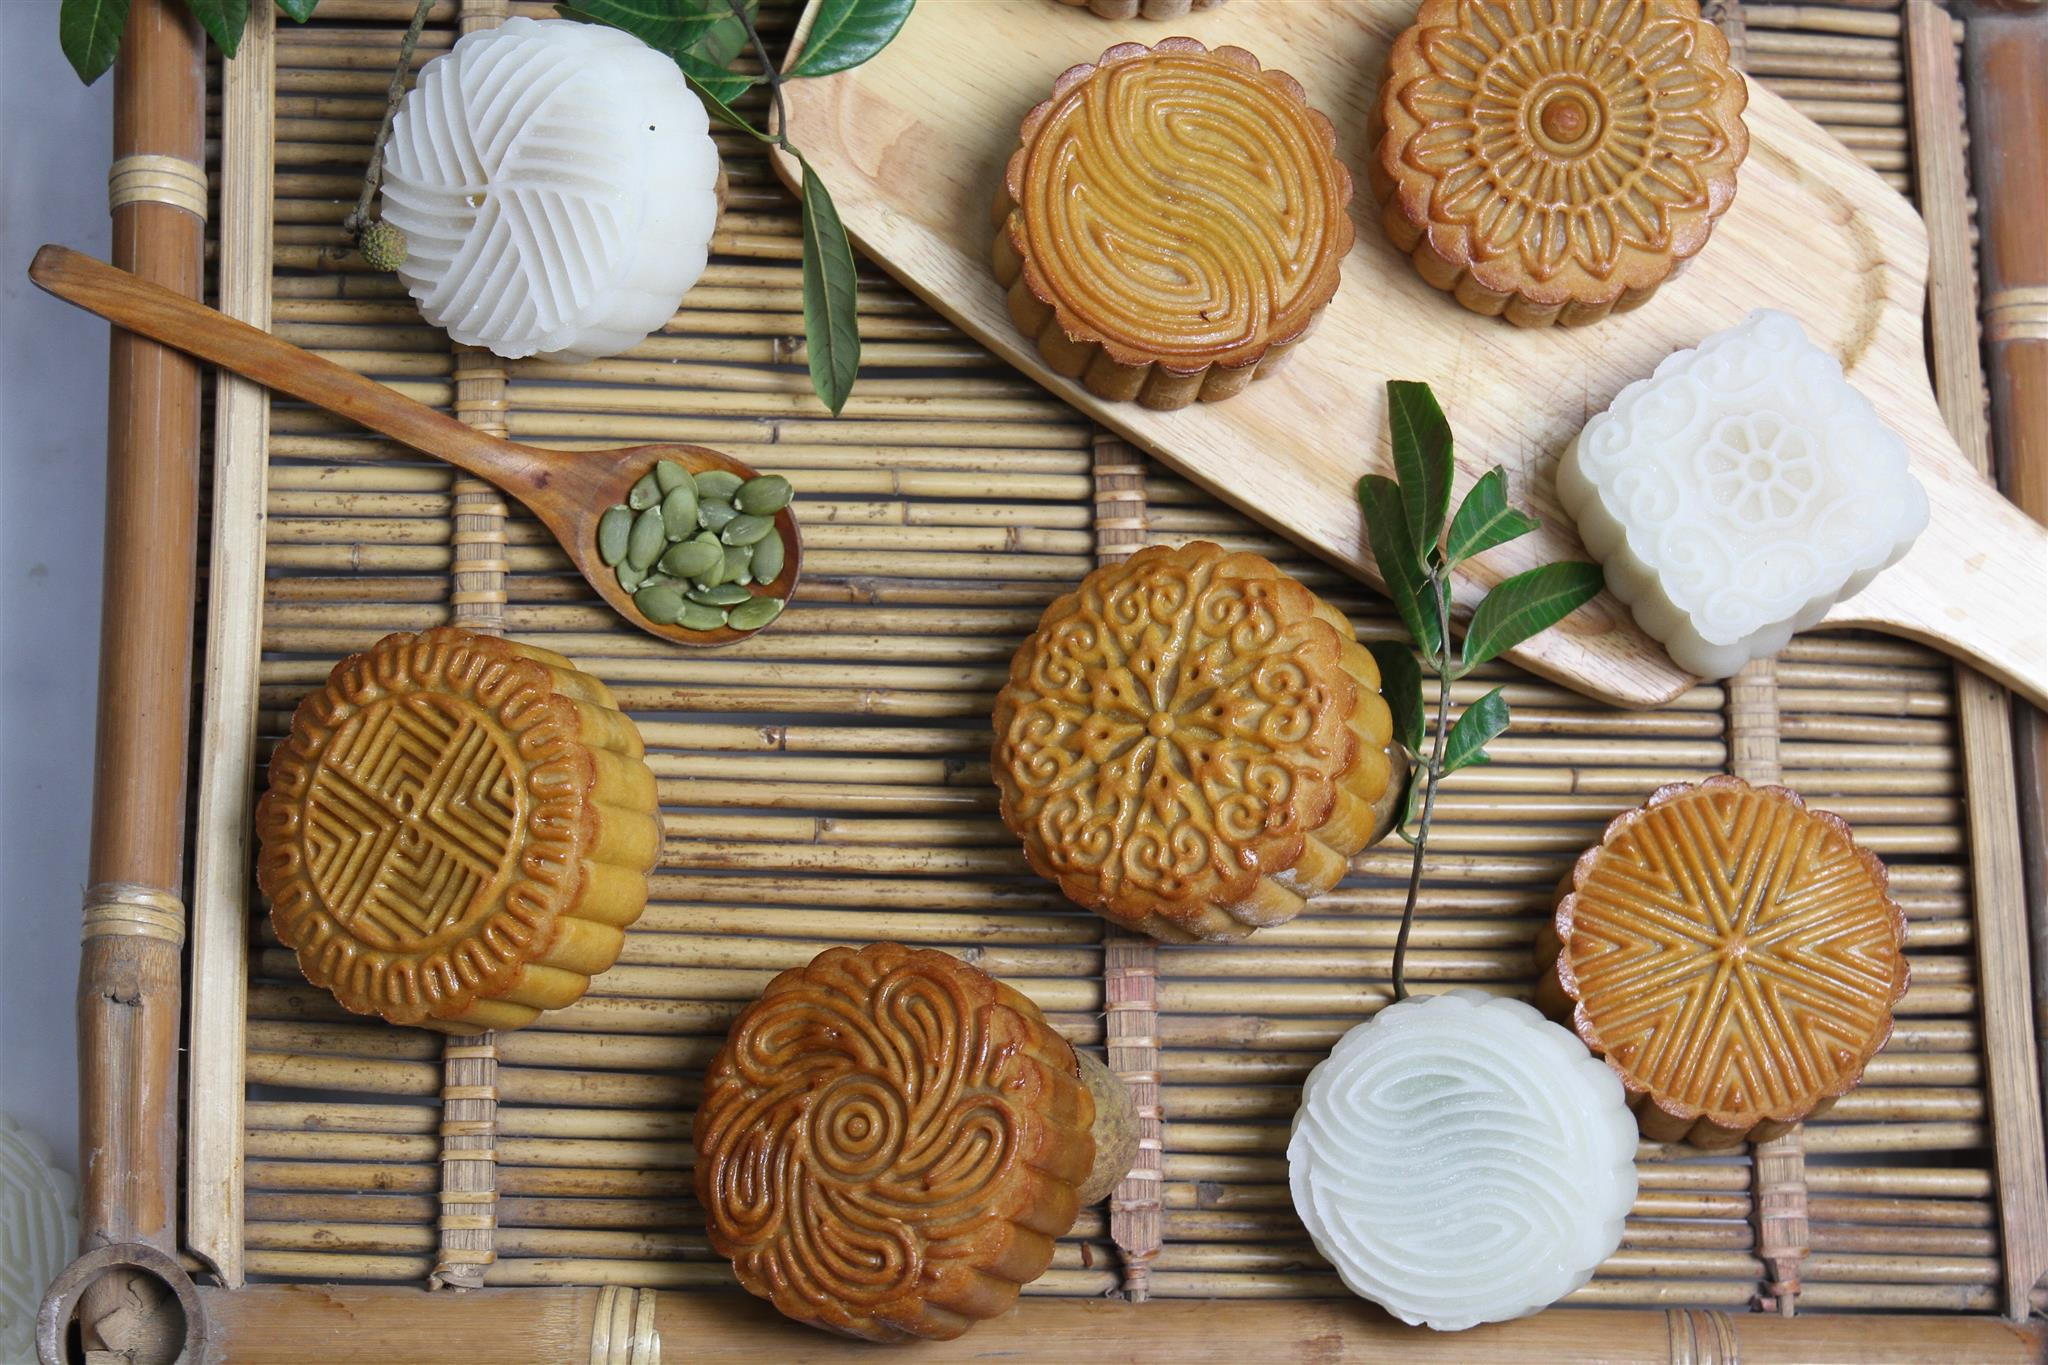 bánh trung thu không đường cho người ăn kiêng9 làm bánh trung thu không đường Làm bánh Trung thu không đường dành riêng cho người ăn kiêng banh trung thu khong duong cho nguoi an kieng9